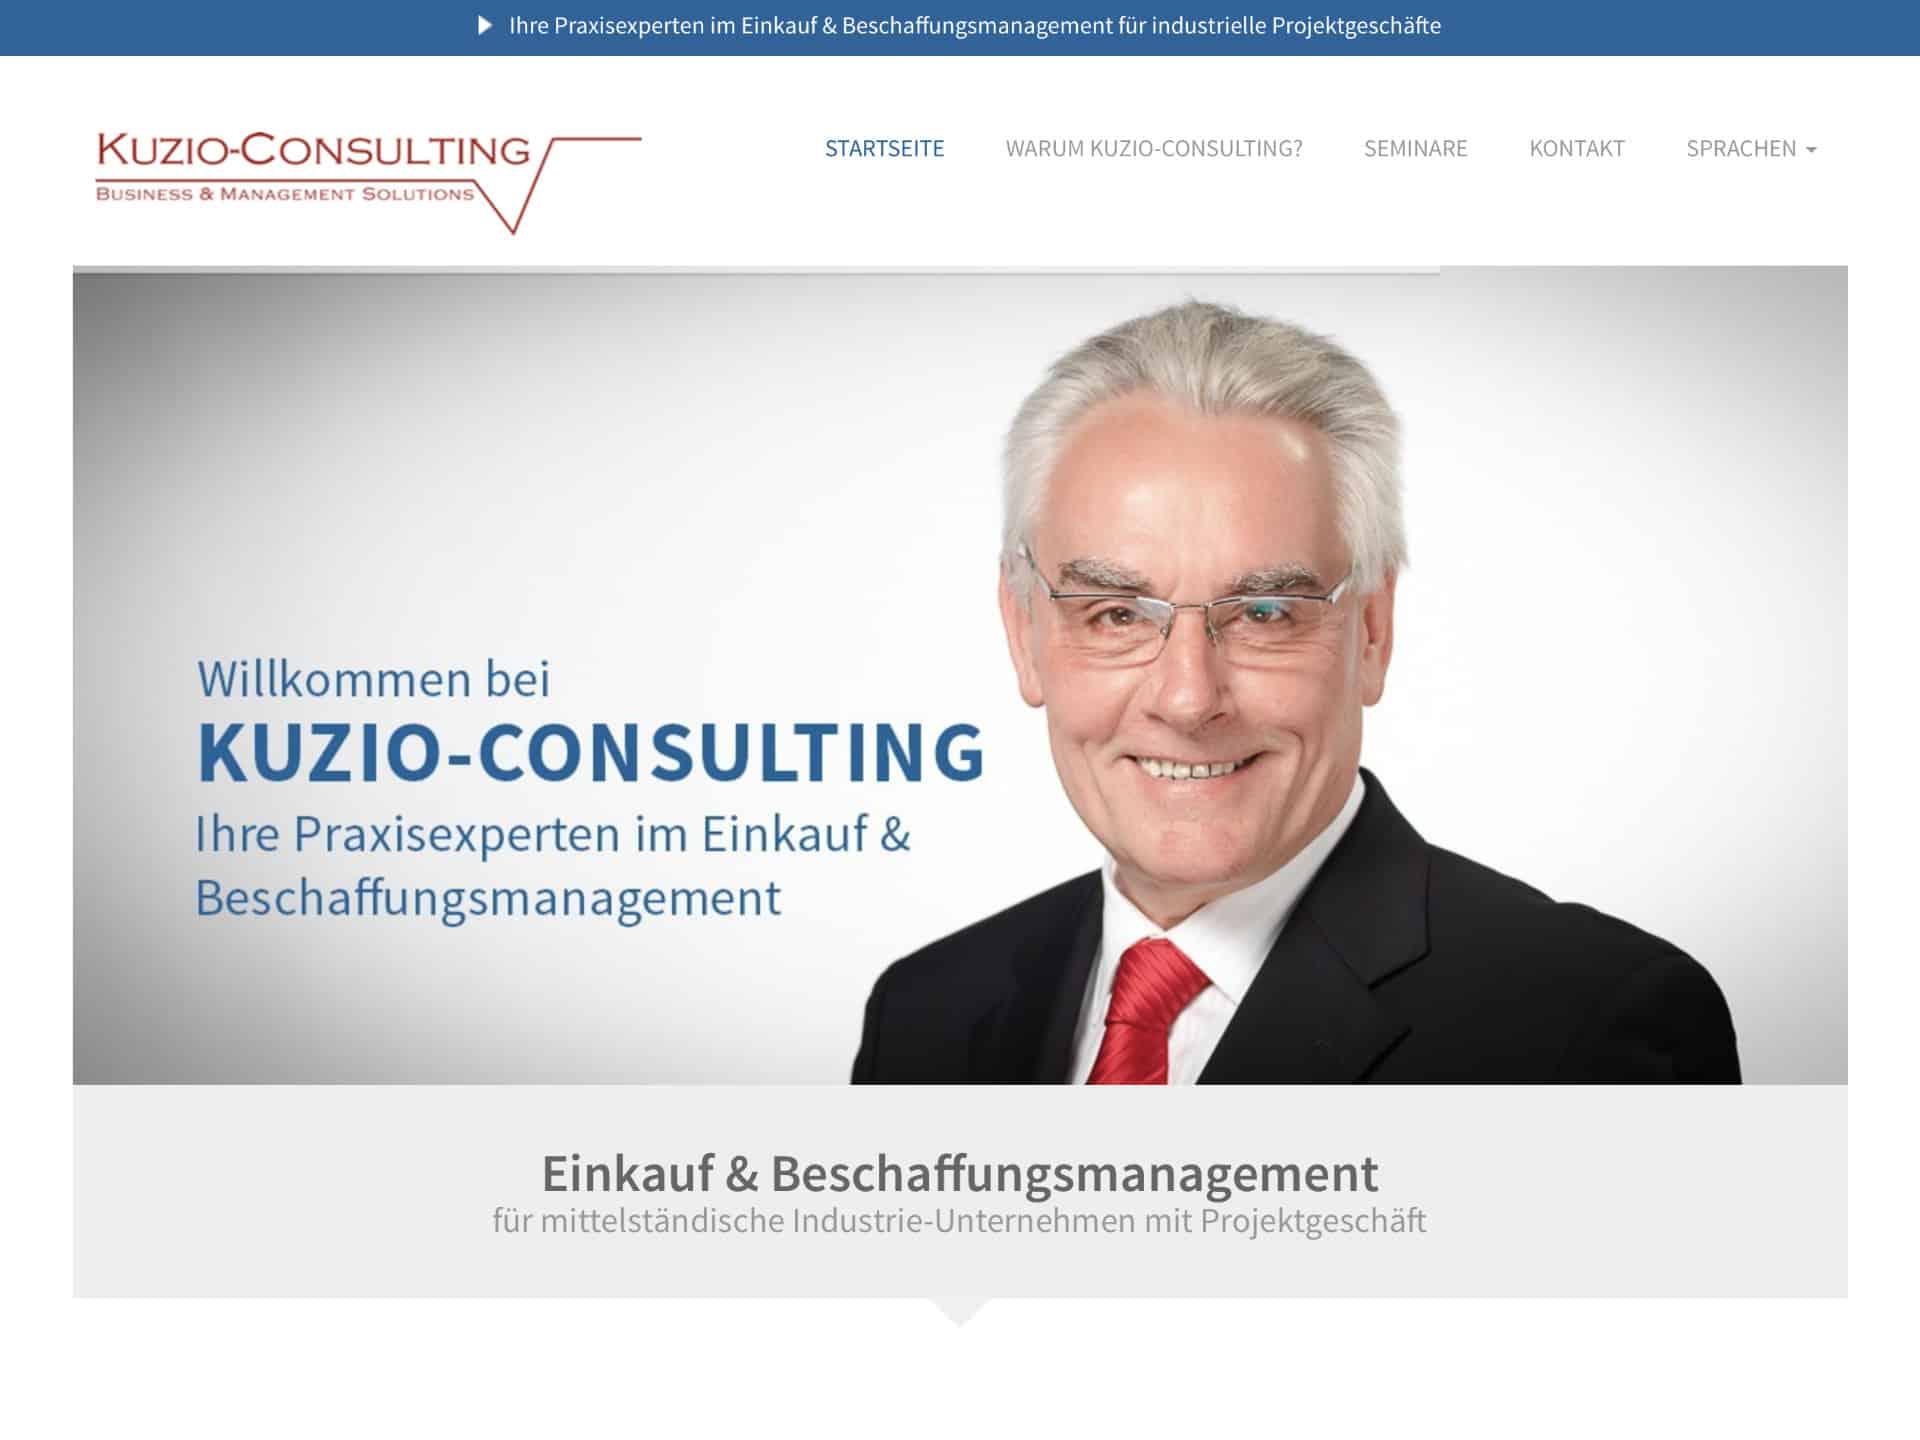 Kuzio Consulting